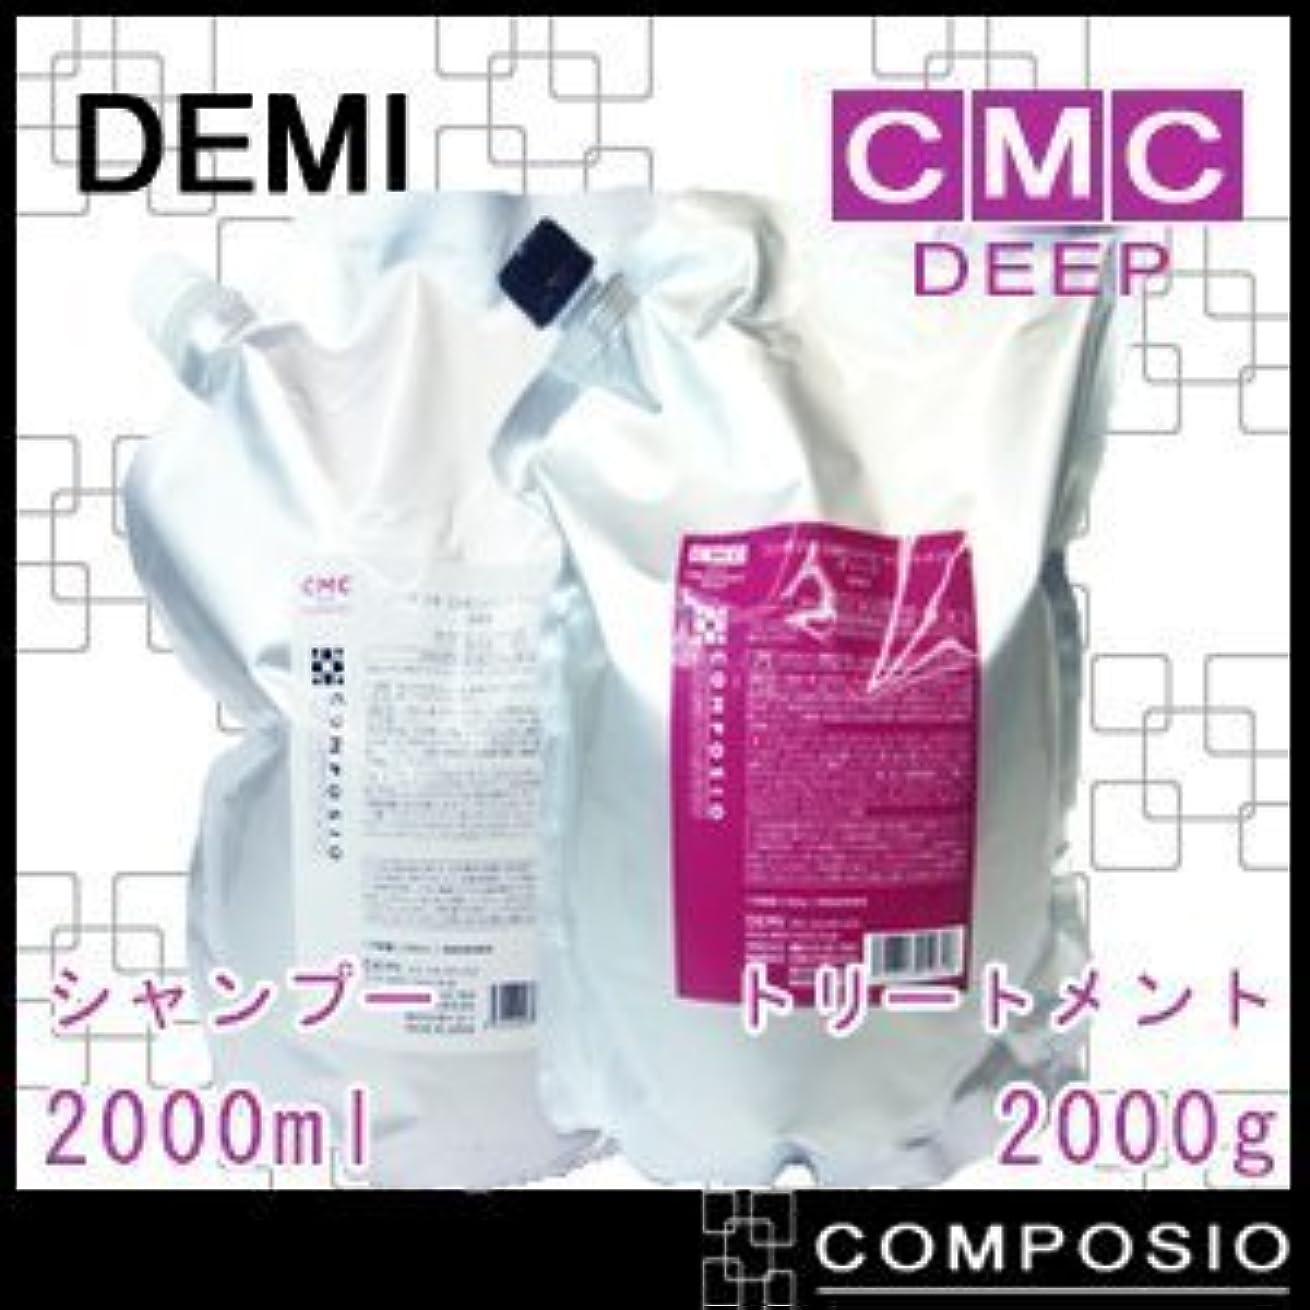 減る旅行お風呂を持っているデミ コンポジオ CMCリペアシャンプー&トリートメント ディープ 詰替 2000ml,2000g